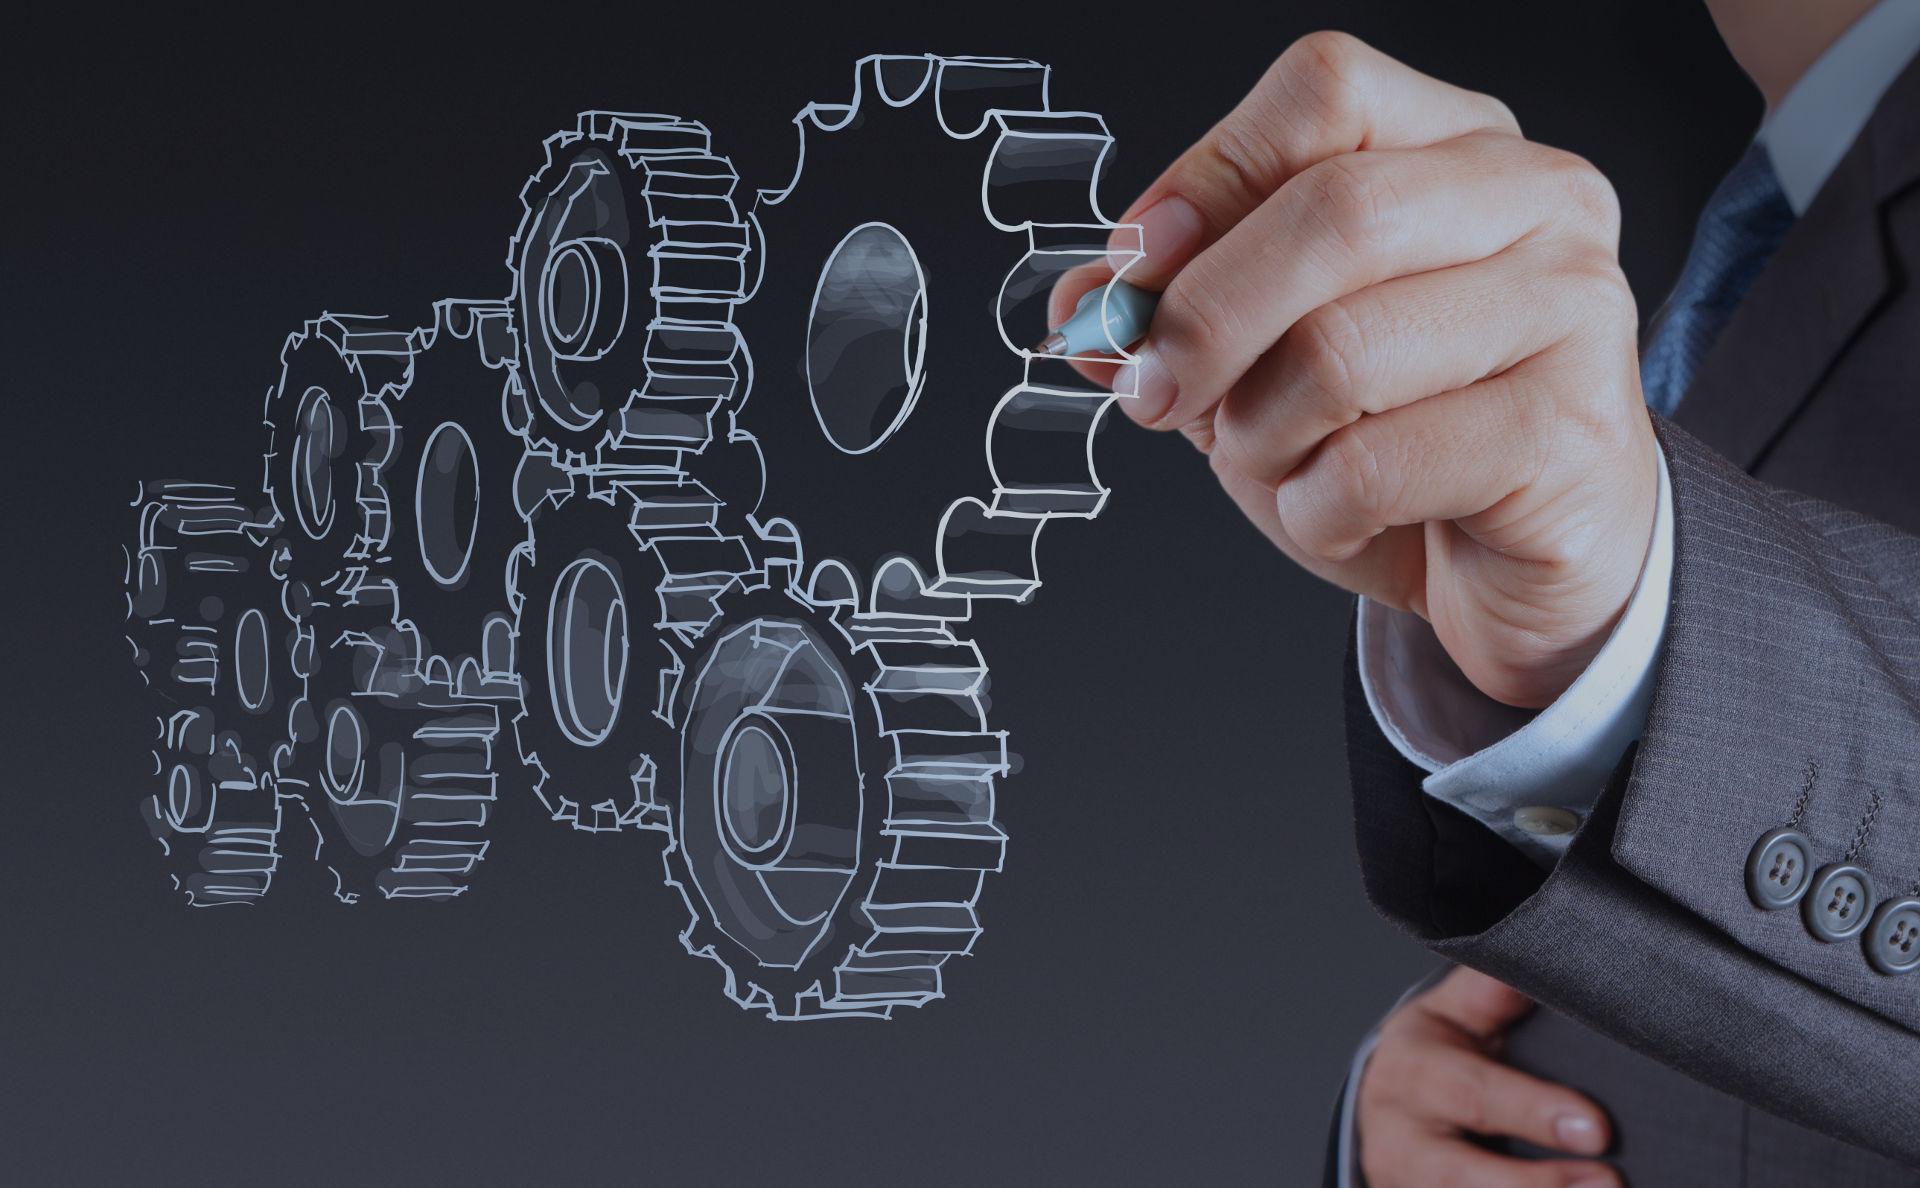 L'architecture logicielle, un élément important de la création d'applications